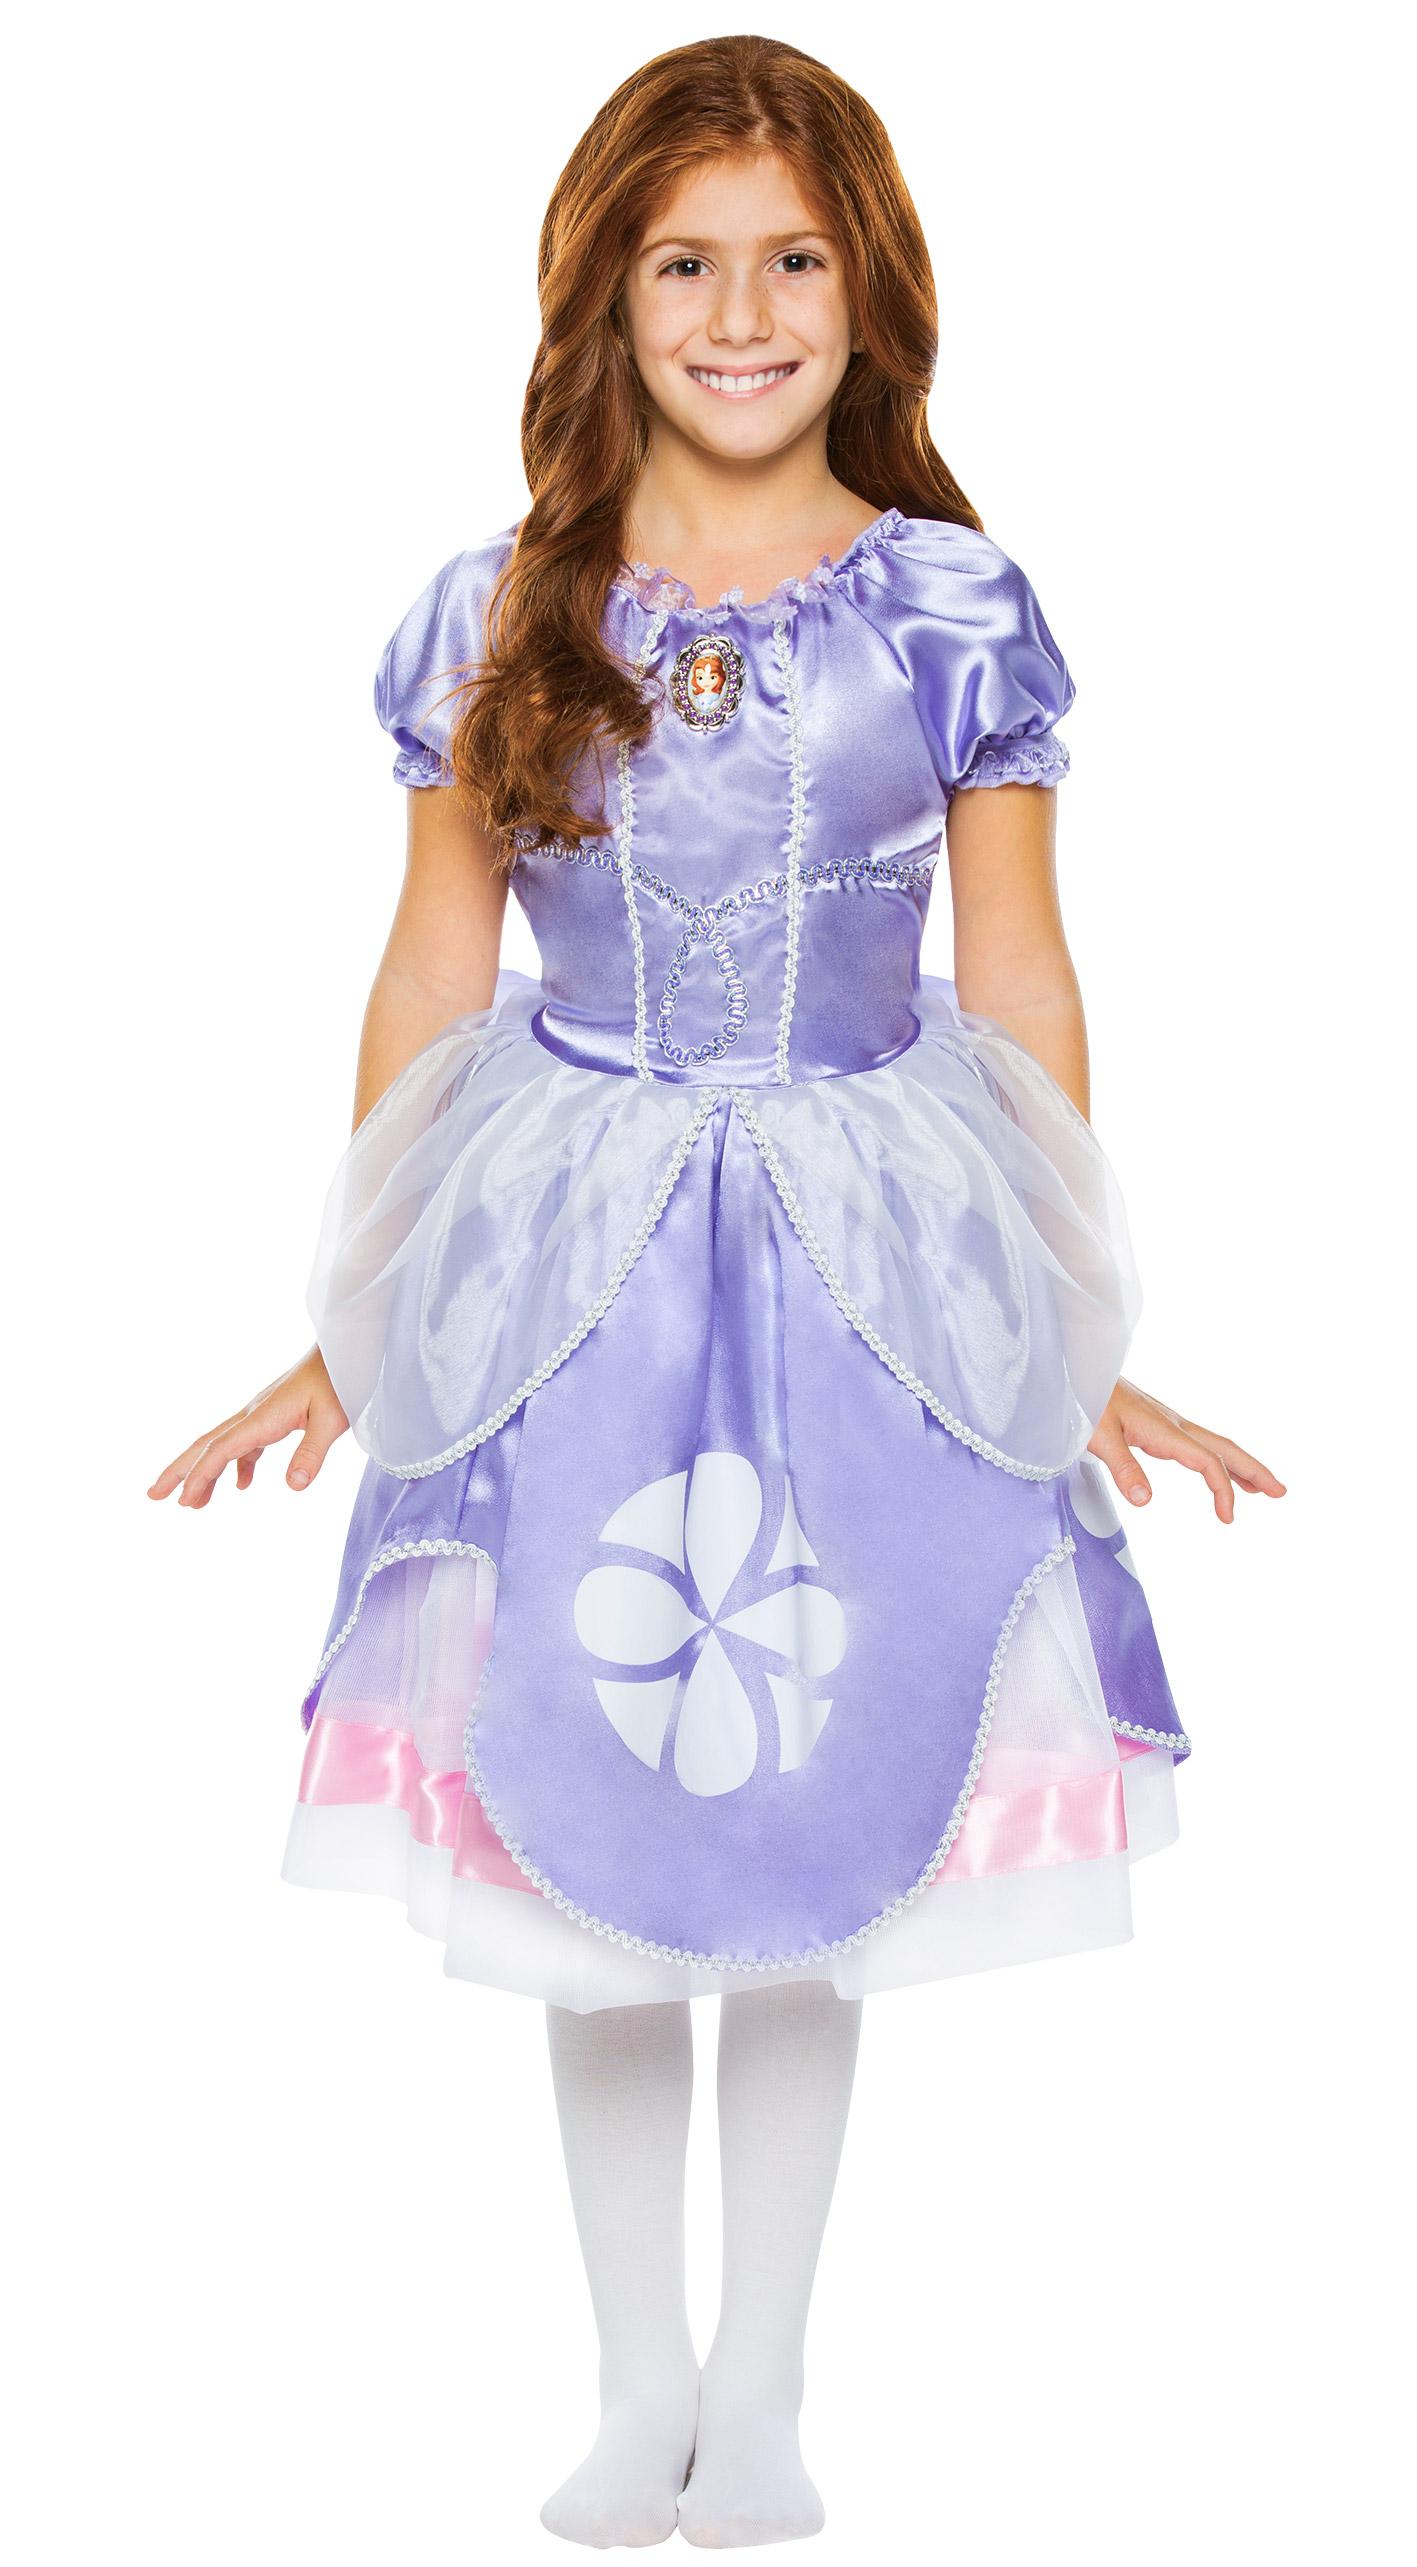 Disney Princess Boutique Costume (Ages 7-9)